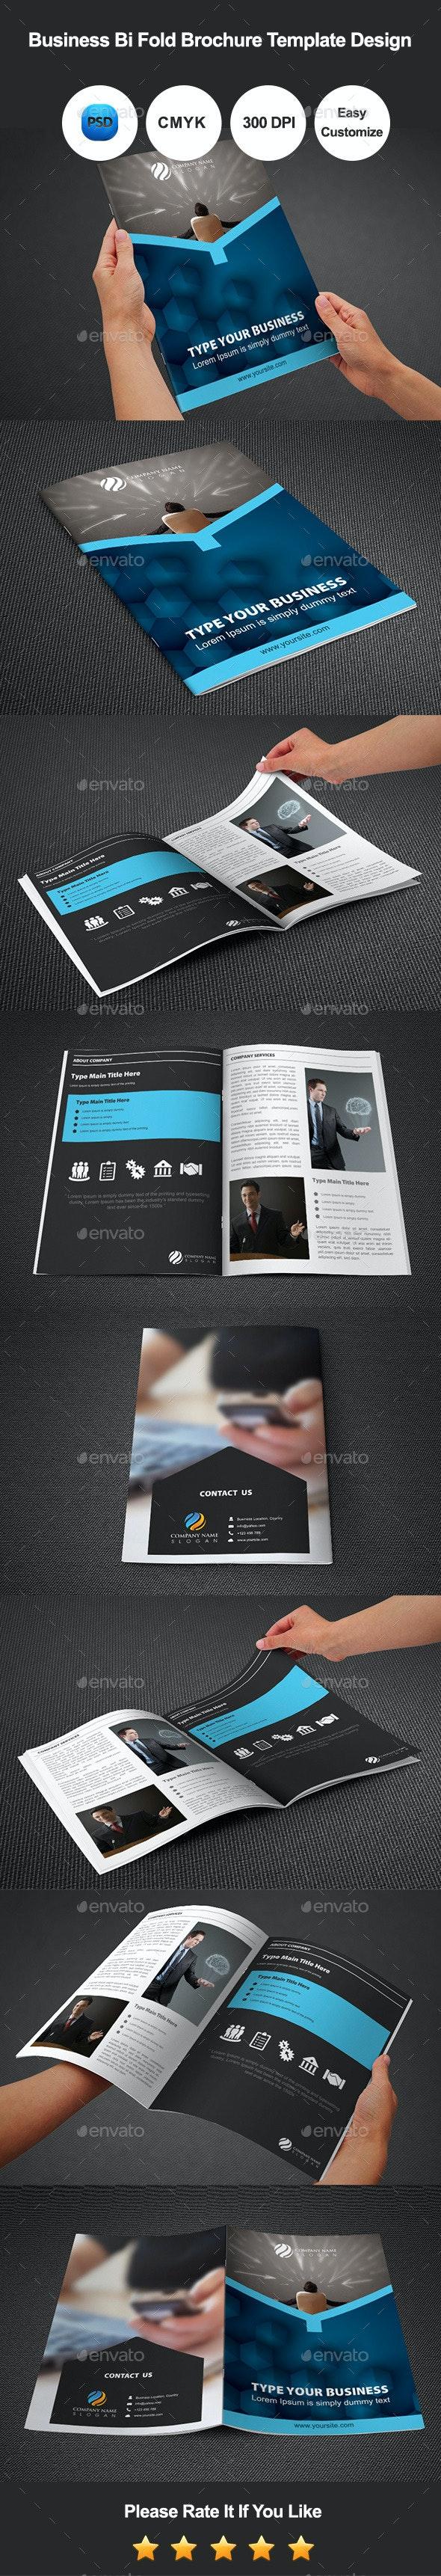 Business Bi Fold Brochure Template Design - Corporate Brochures